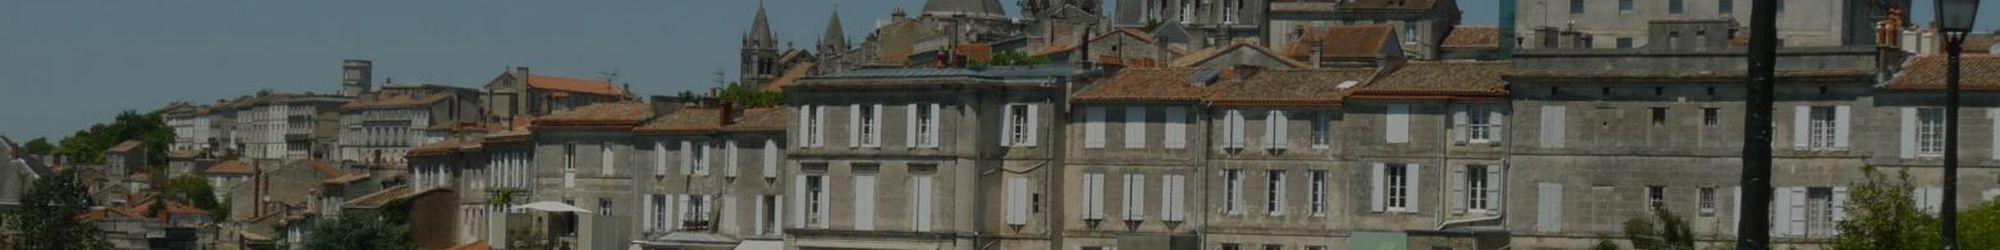 Centre ville d'Angoulême